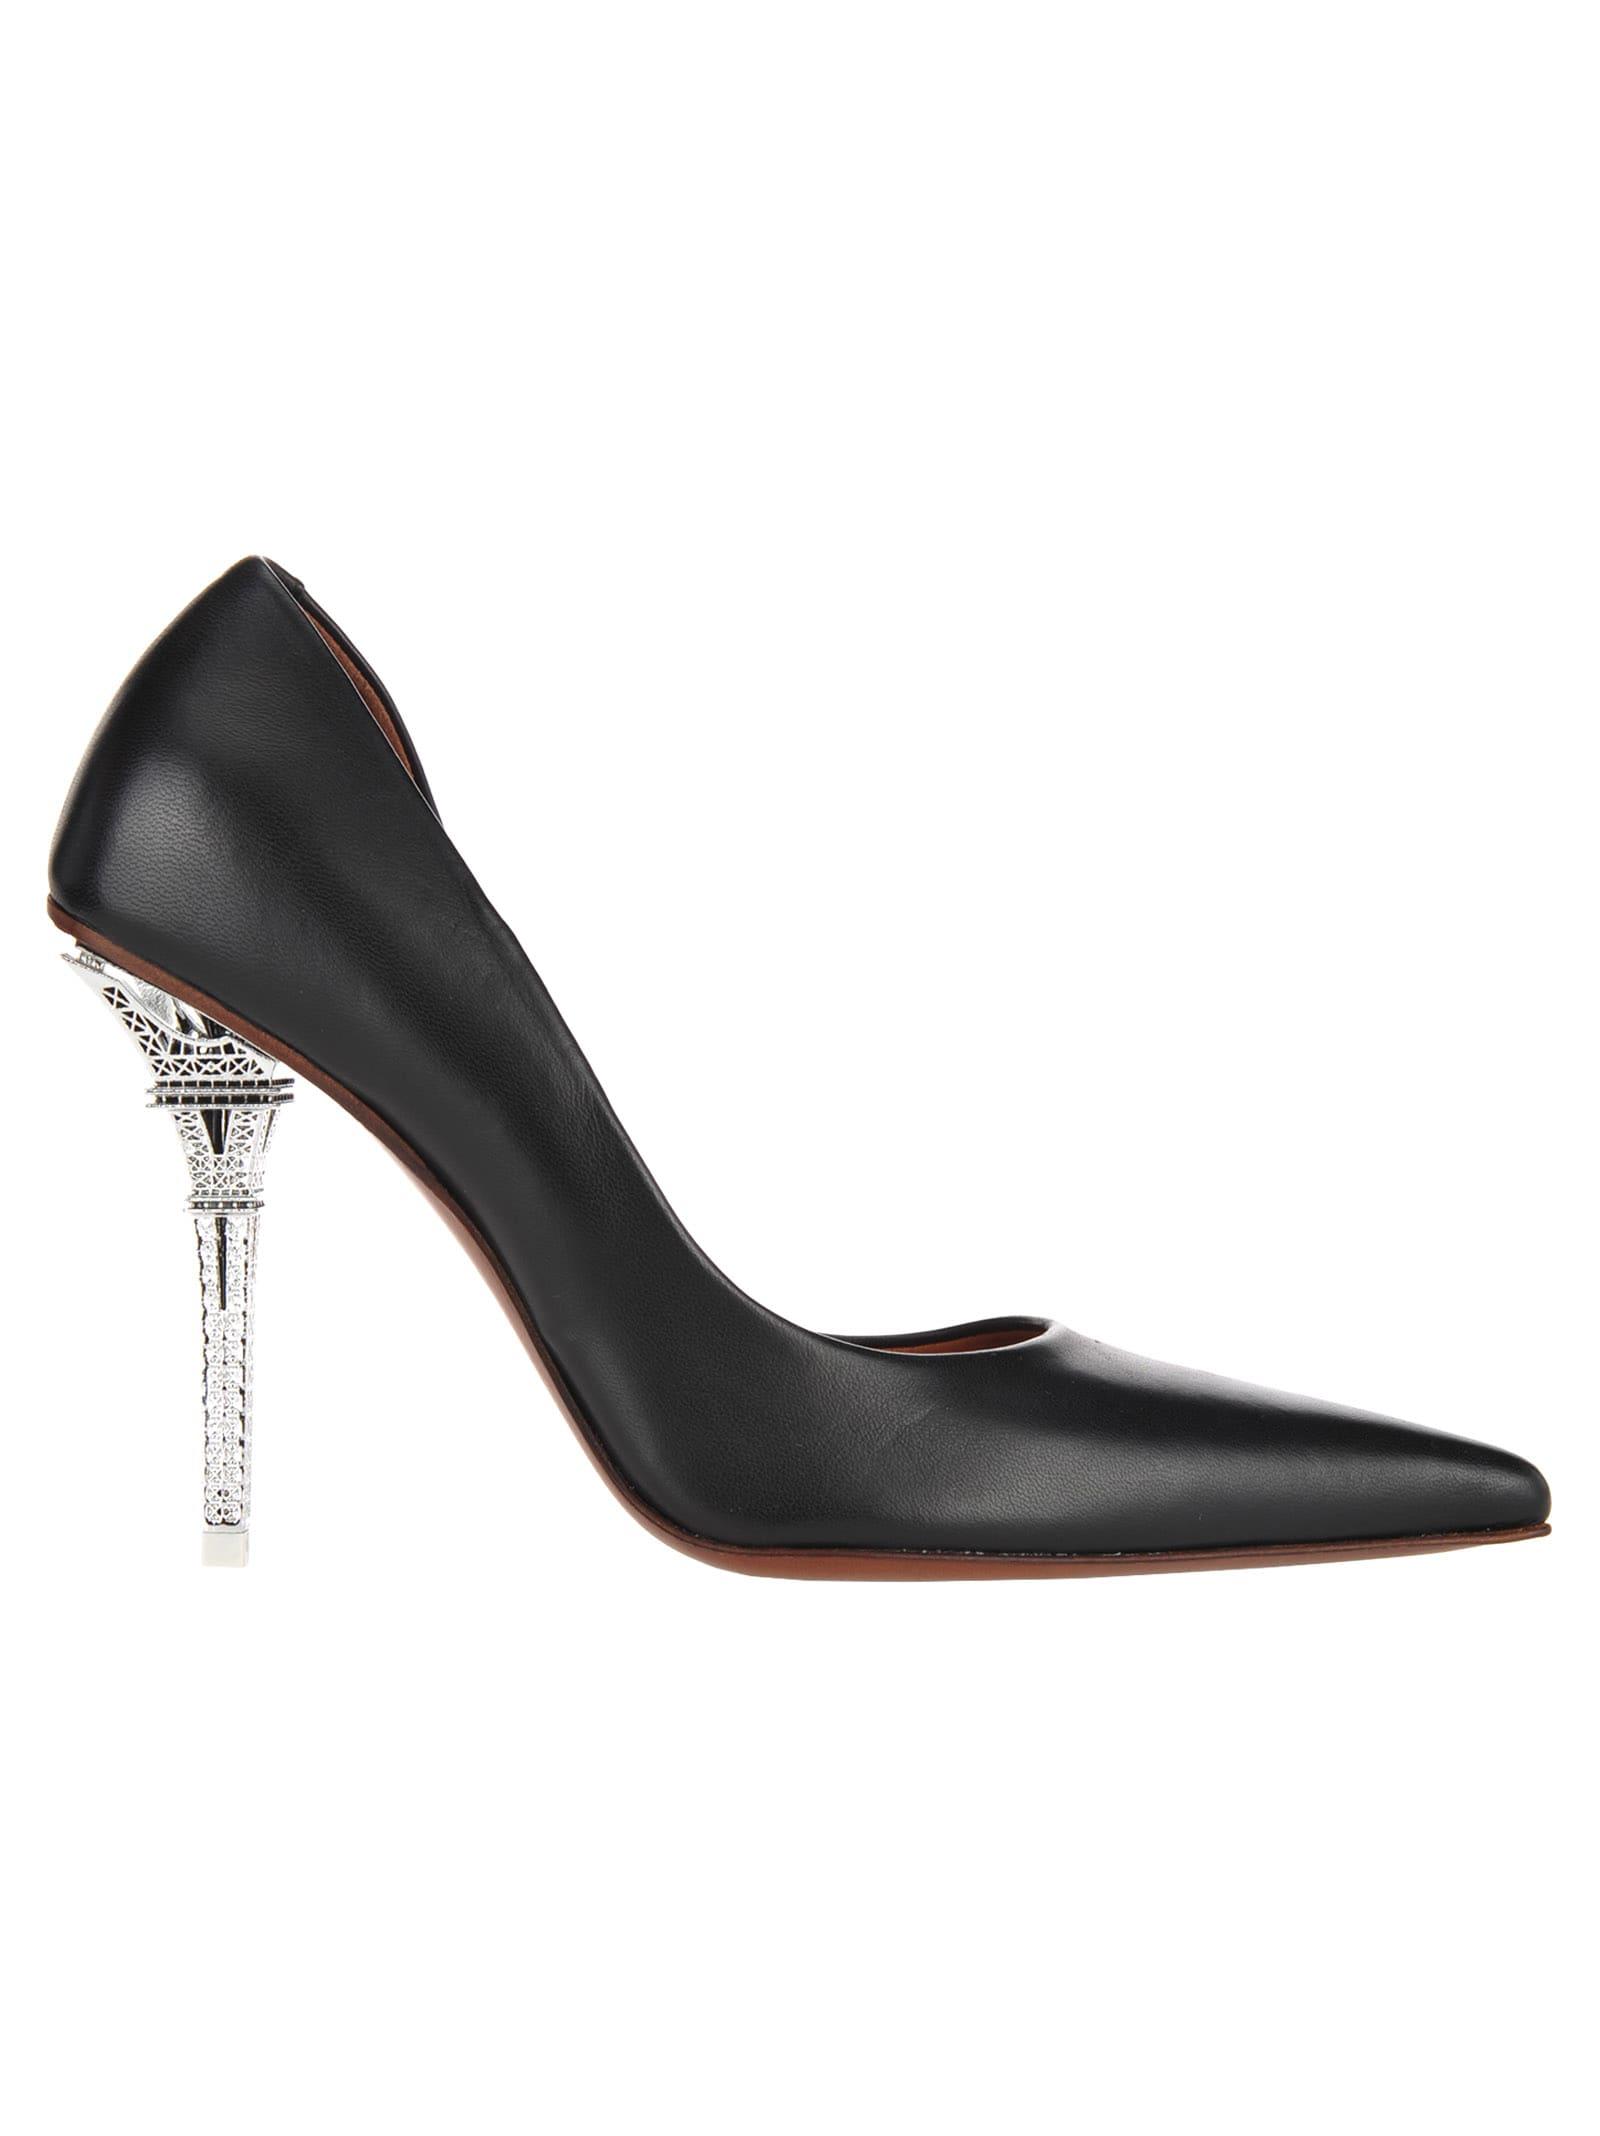 Vetements Shoes Vetements Vetements Eiffel Tower Pumps